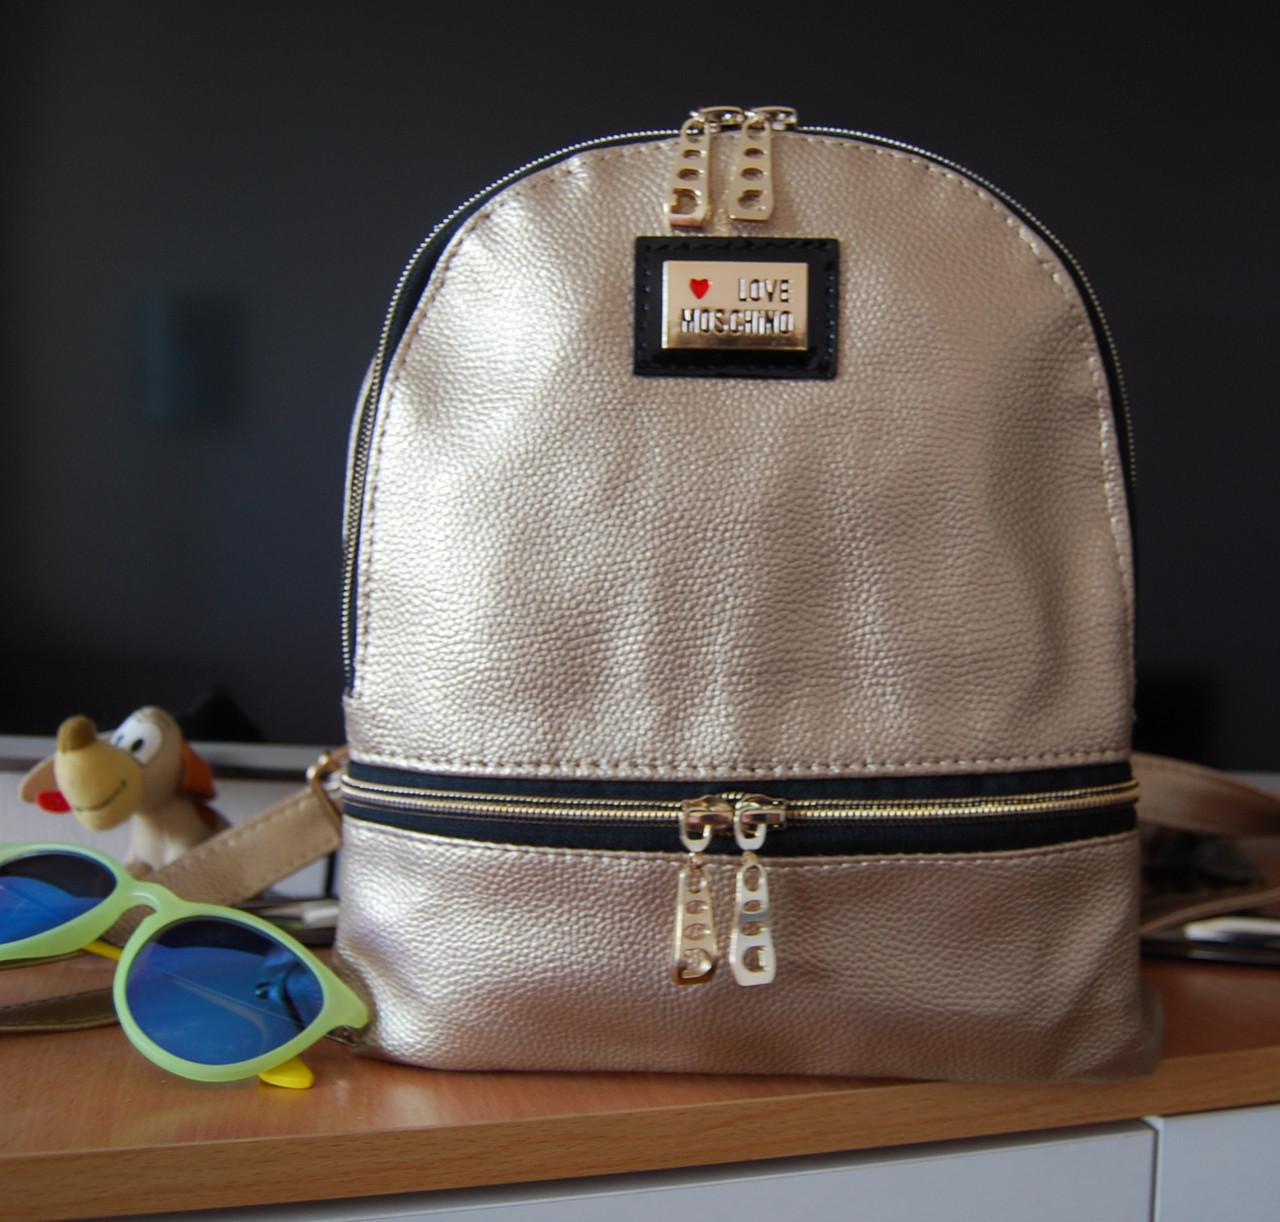 Женский рюкзак Moschino. Городской рюкзак. Стильный рюкзак. Молодёжный  рюкзак. Лучшие рюкзаки. 09da30bf574